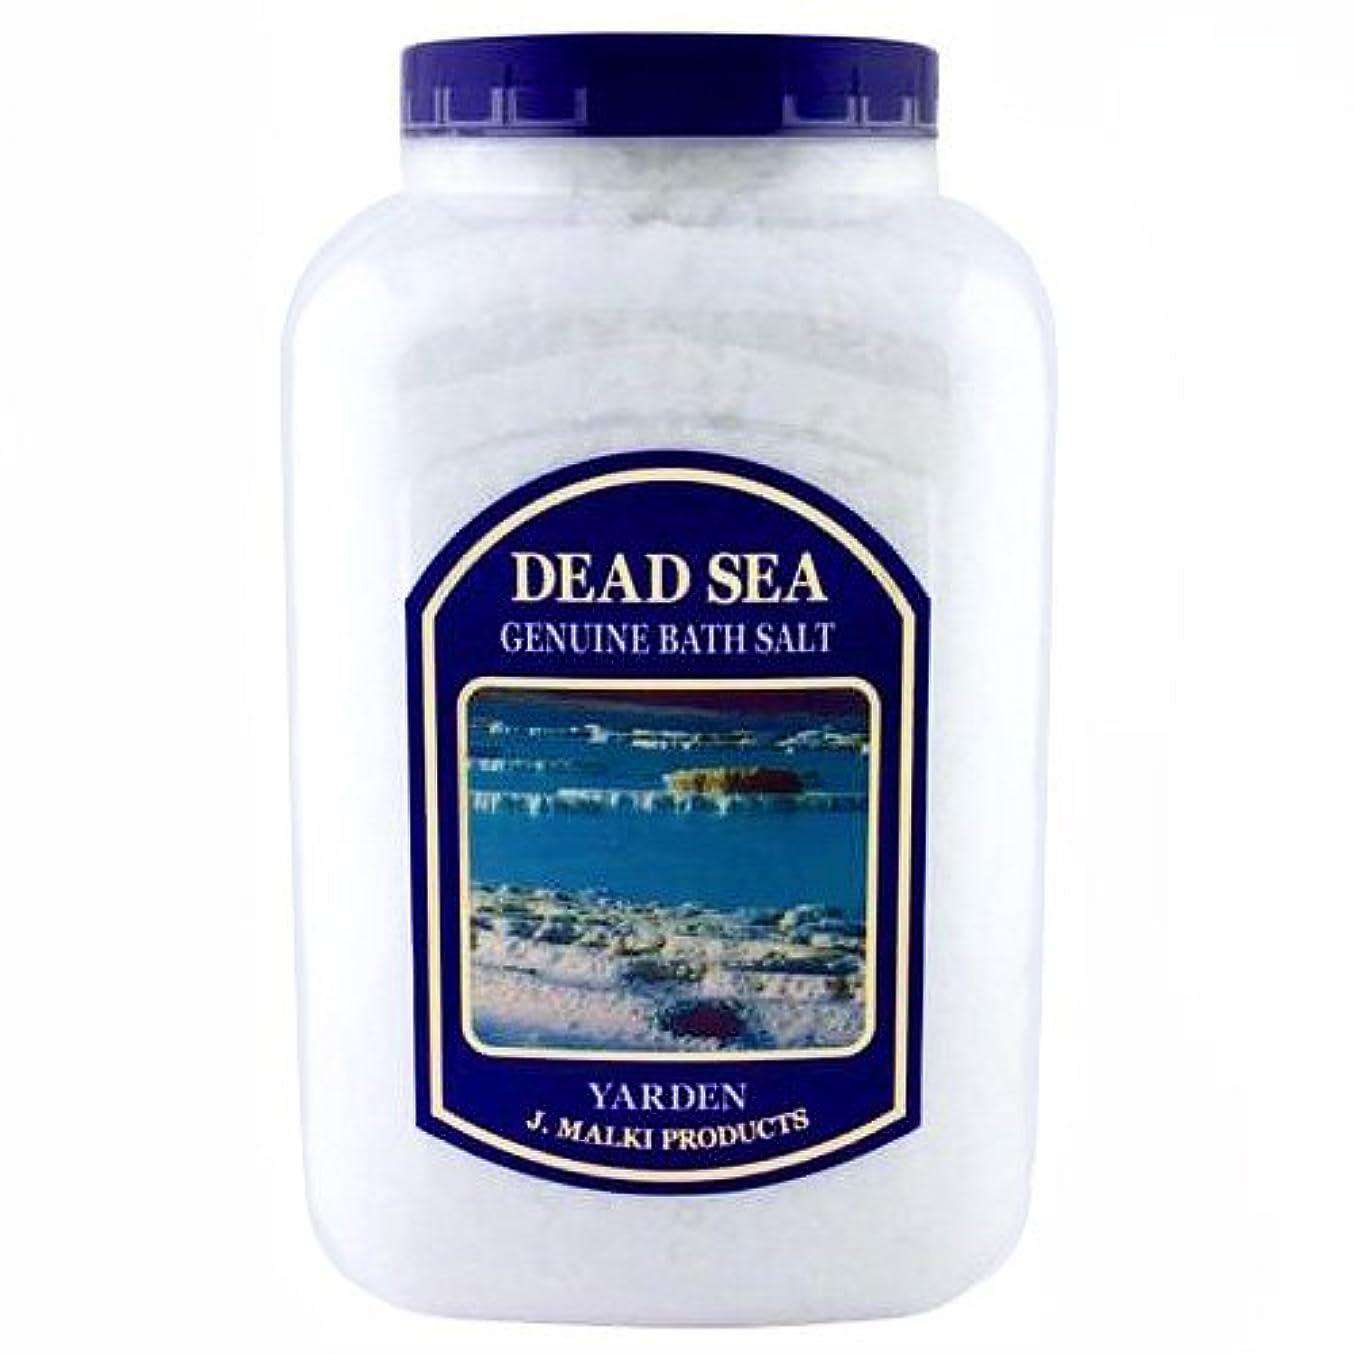 脅迫リルハーブデッドシー?バスソルト 4.5kg(約45回分)【DEAD SEA BATH SALT】死海の塩/入浴剤(入浴用化粧品)【正規販売店】